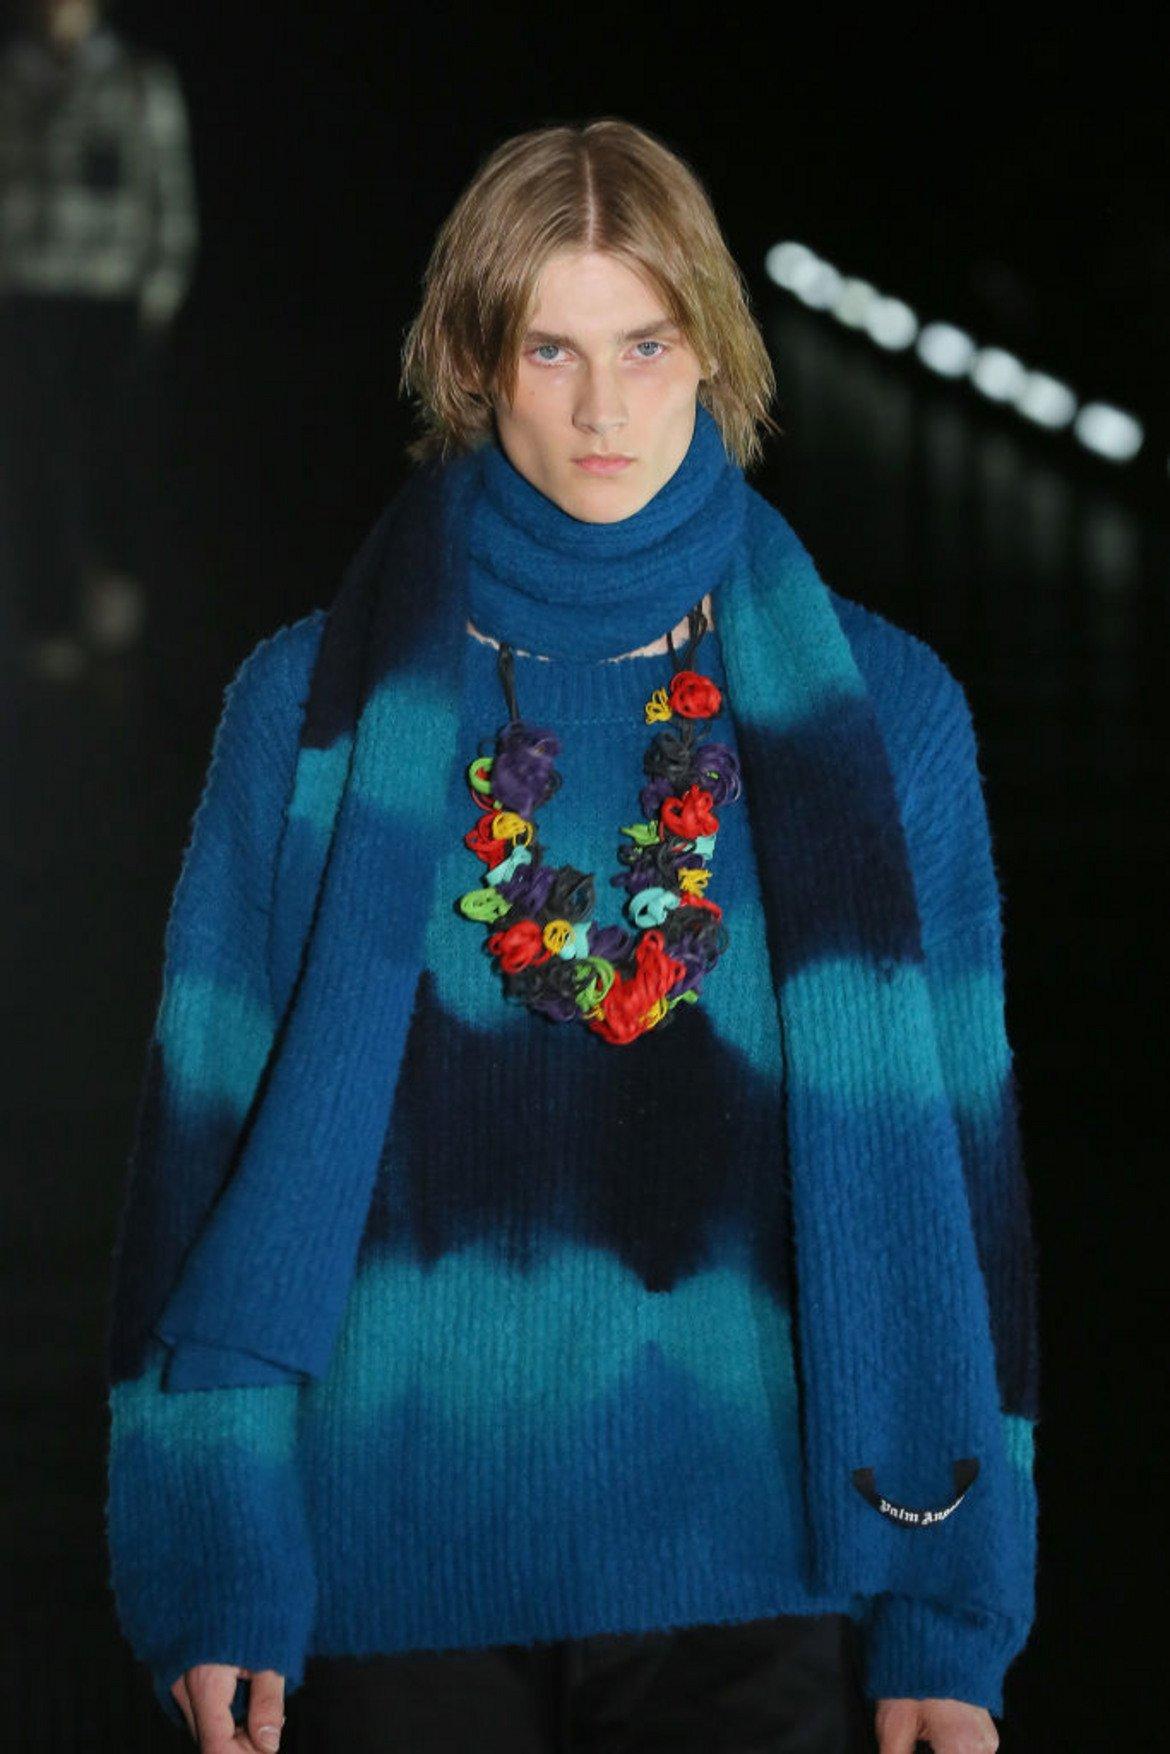 Мозаечно синьо (Mosaic Blue)  Този нюанс на синьото излъчва изтънченост и класа. Освен това се съчетава лесно с по-ярките пролетни цветове.   Модел от мъжката колекция на Palm Angel, представена в Милано на Седмицата на модата през юни 2019 г.